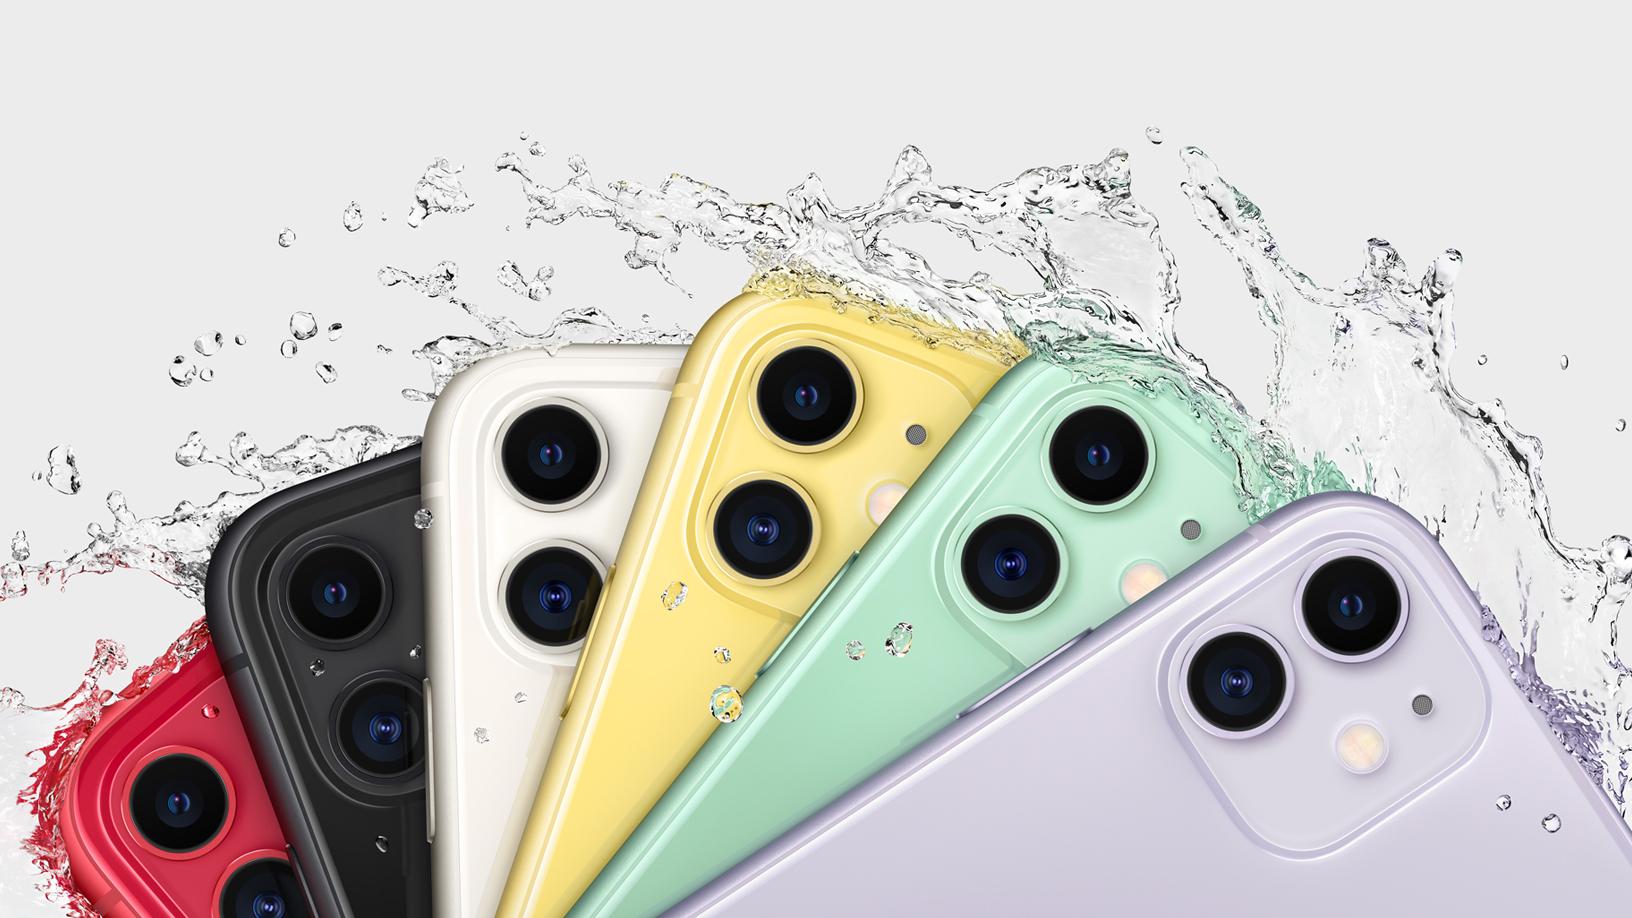 Tudo o que precisas saber sobre os novos iPhones; 11, 11 Pro e 11 Pro Max